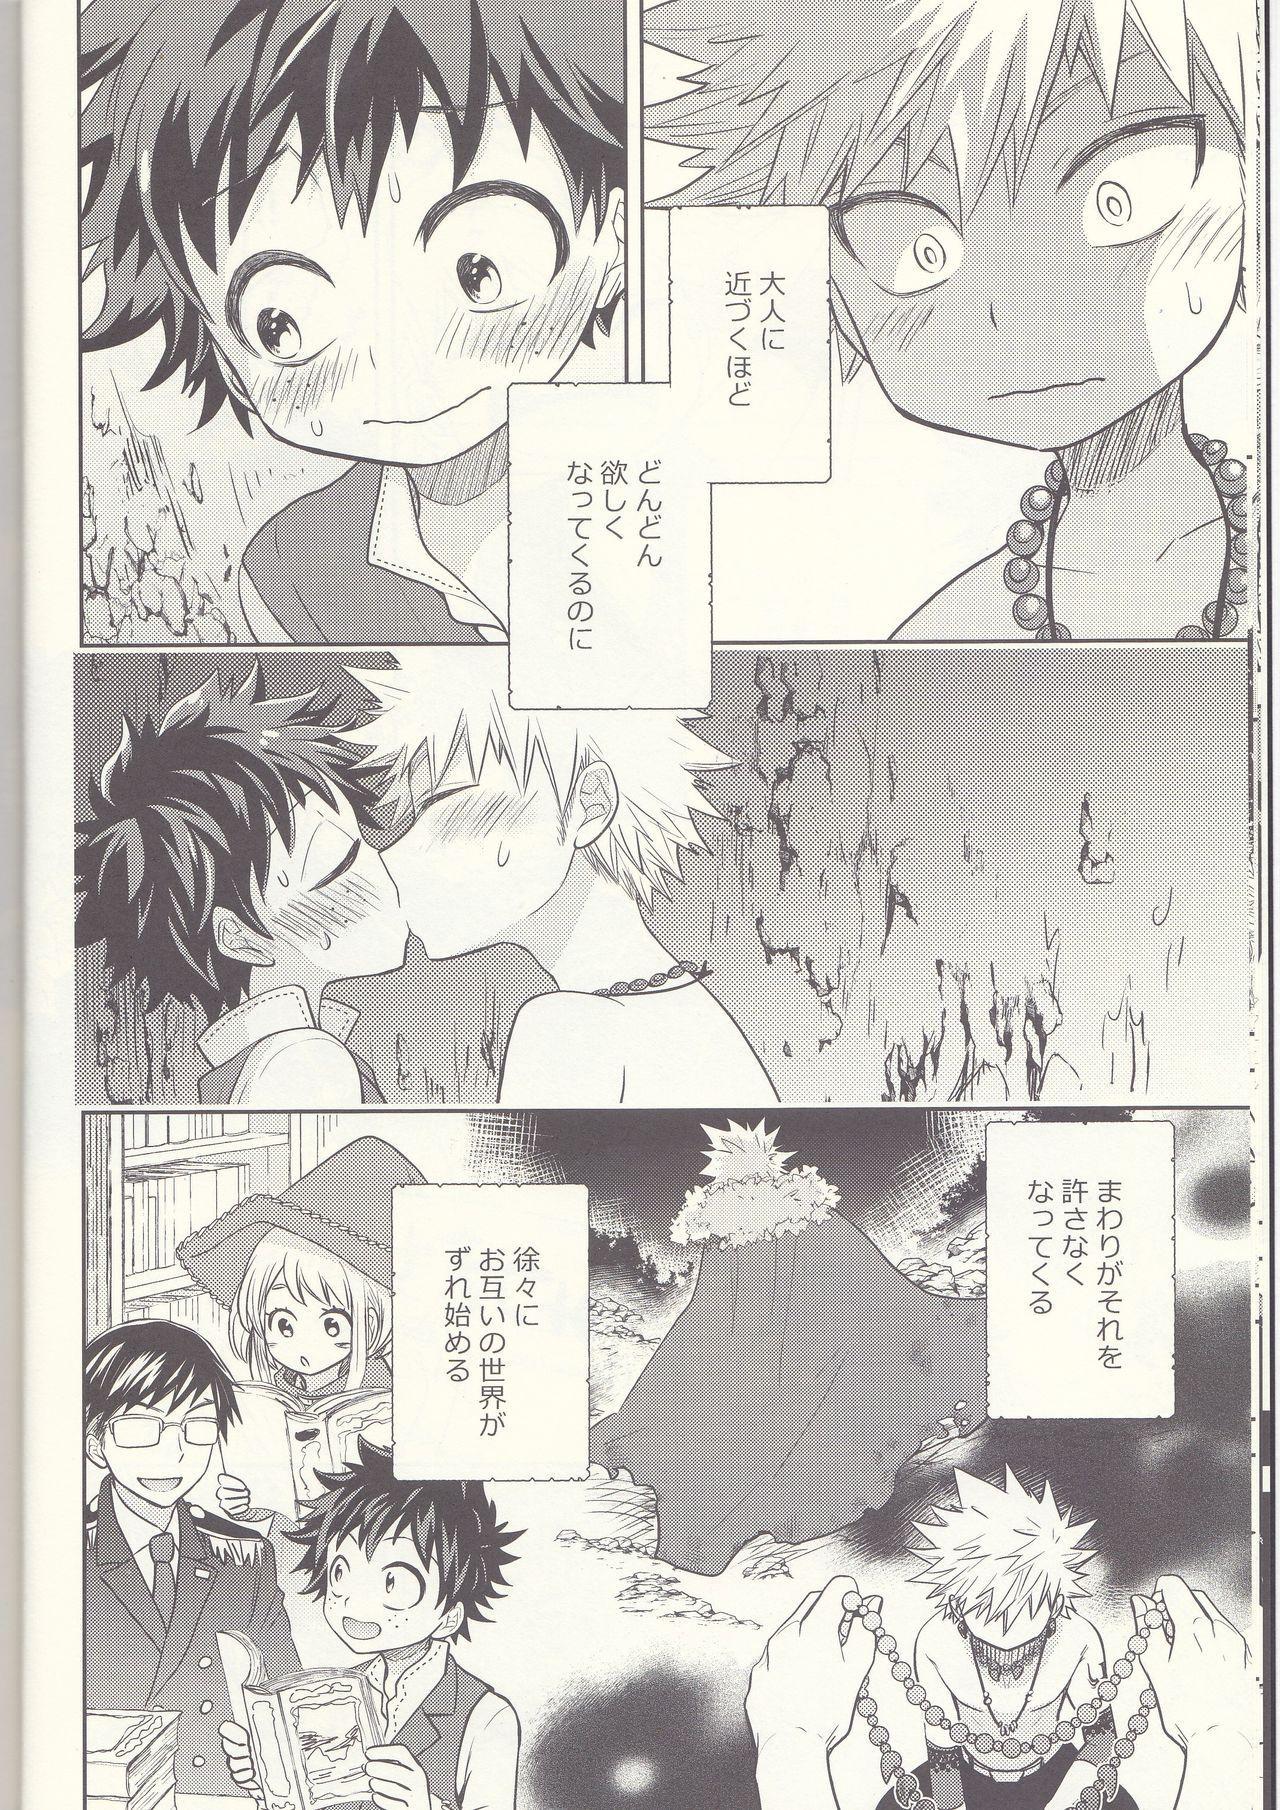 Akatsuki no Agito 10